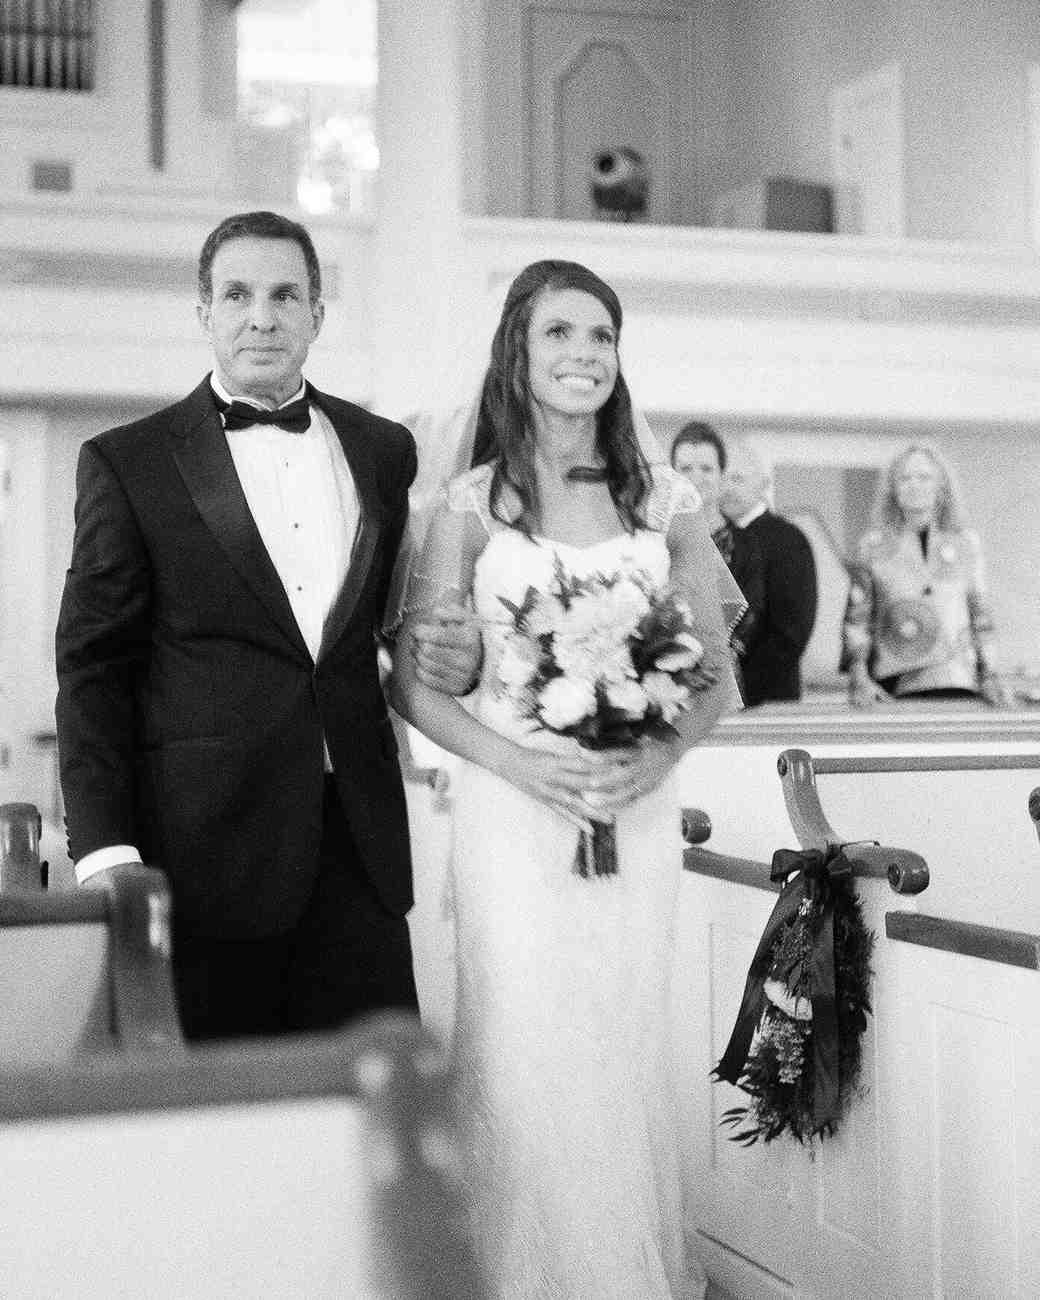 lindsay-garrett-wedding-processional-0501-s111850-0415.jpg